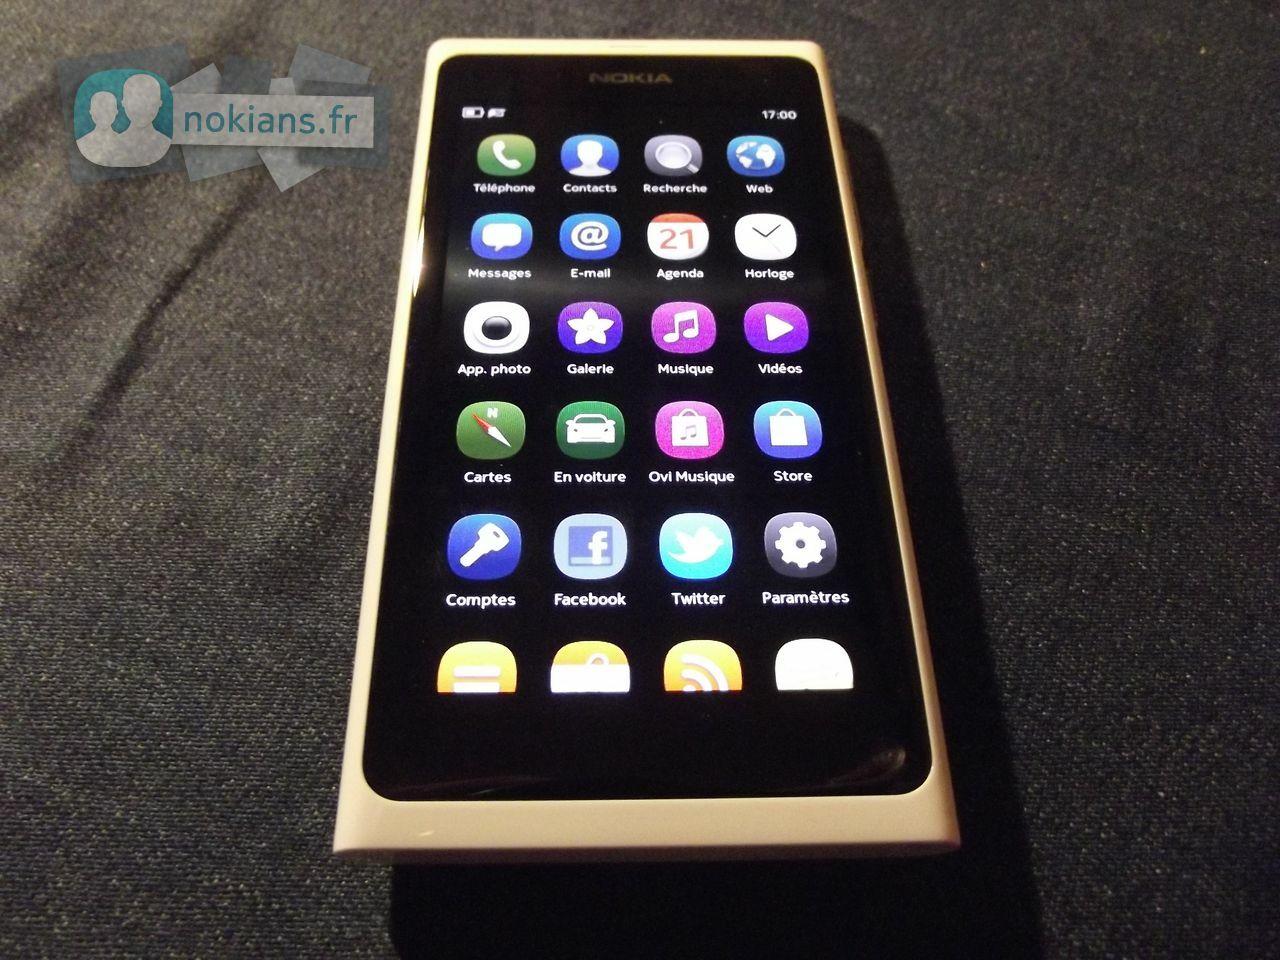 White_Nokia_N9_NokiansFr_09